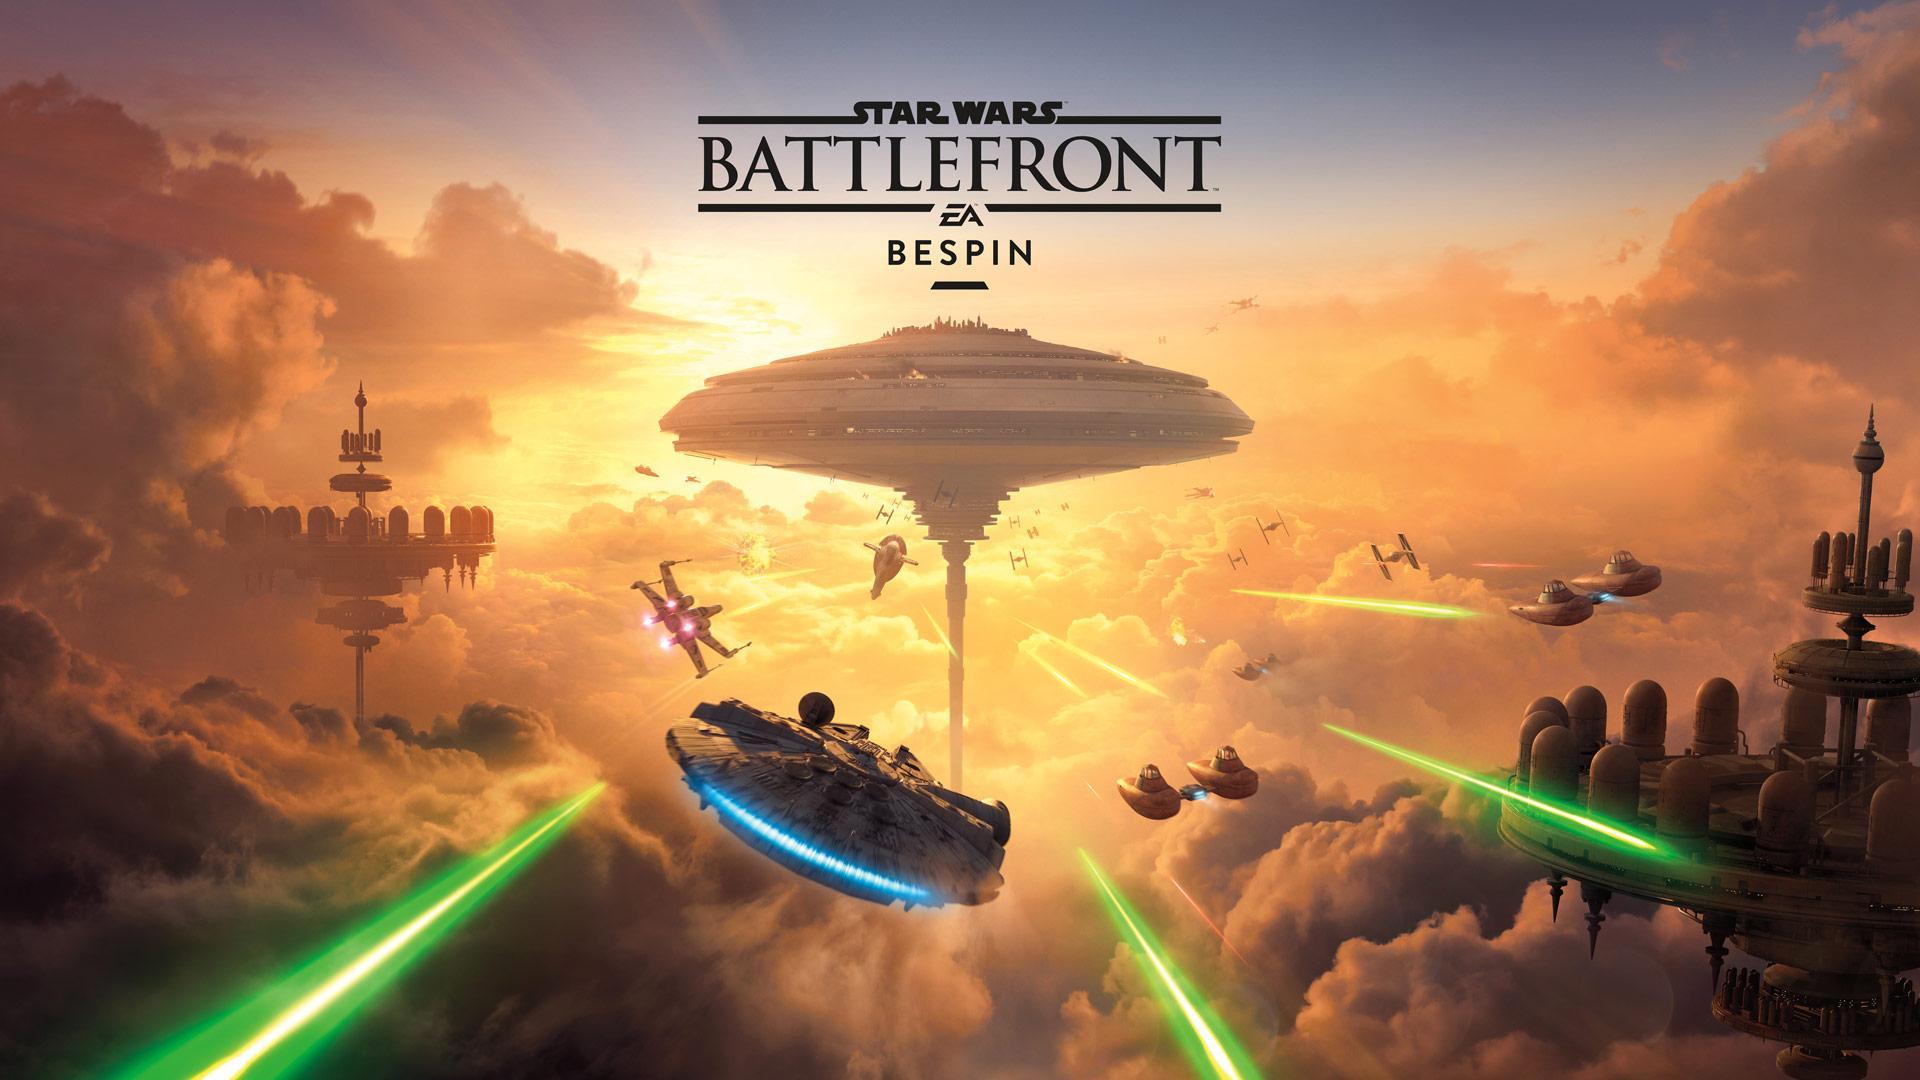 [PS Plus / Membres Gold] DLC Star Wars Battlefront - Bespin essai gratuit sur PS4 et Xbox One